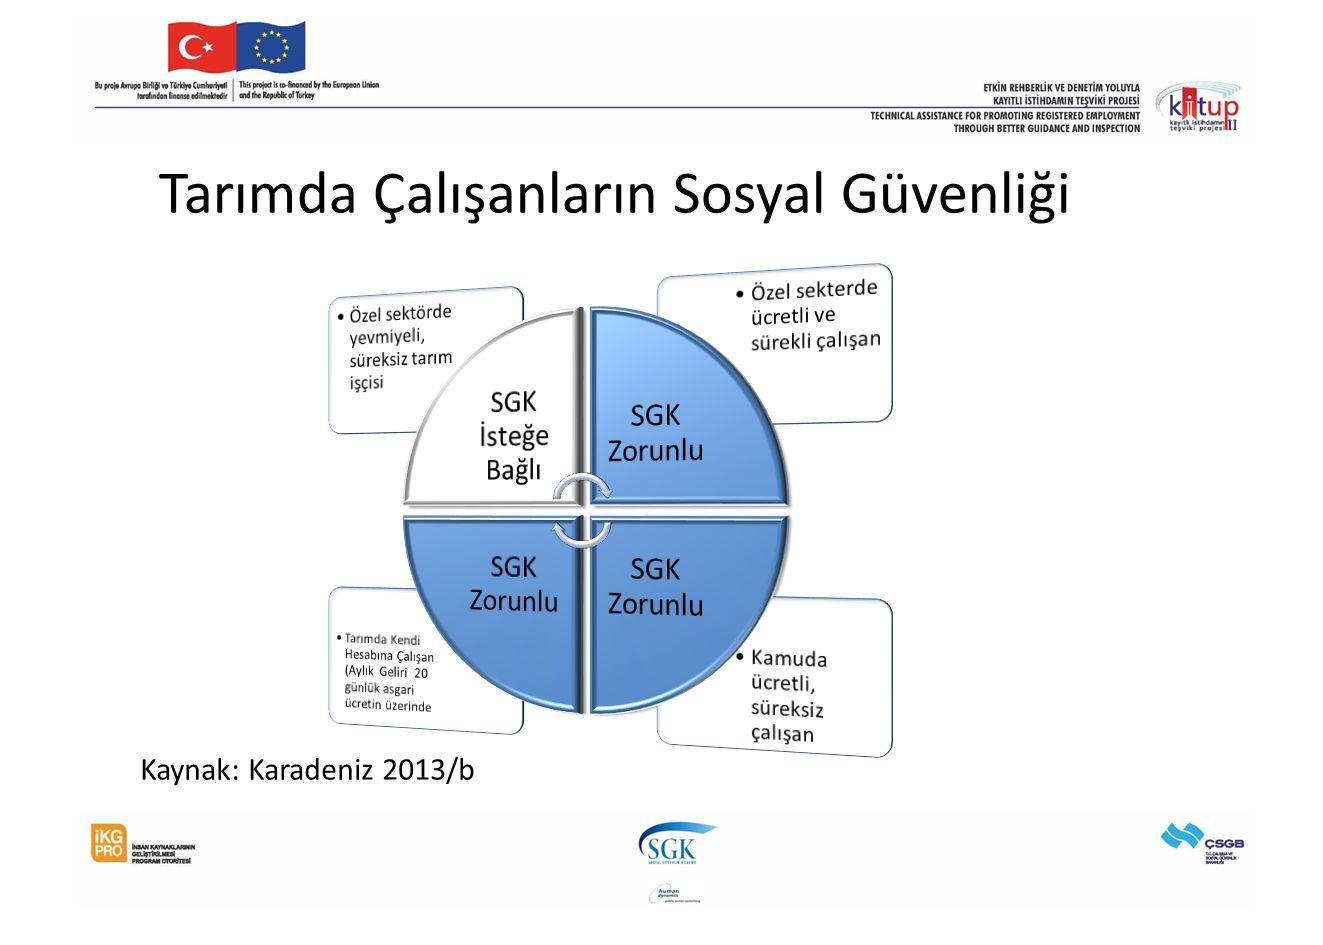 Tarımda Çalışanların Sosyal Güvenliği Kaynak: Karadeniz 2013/b